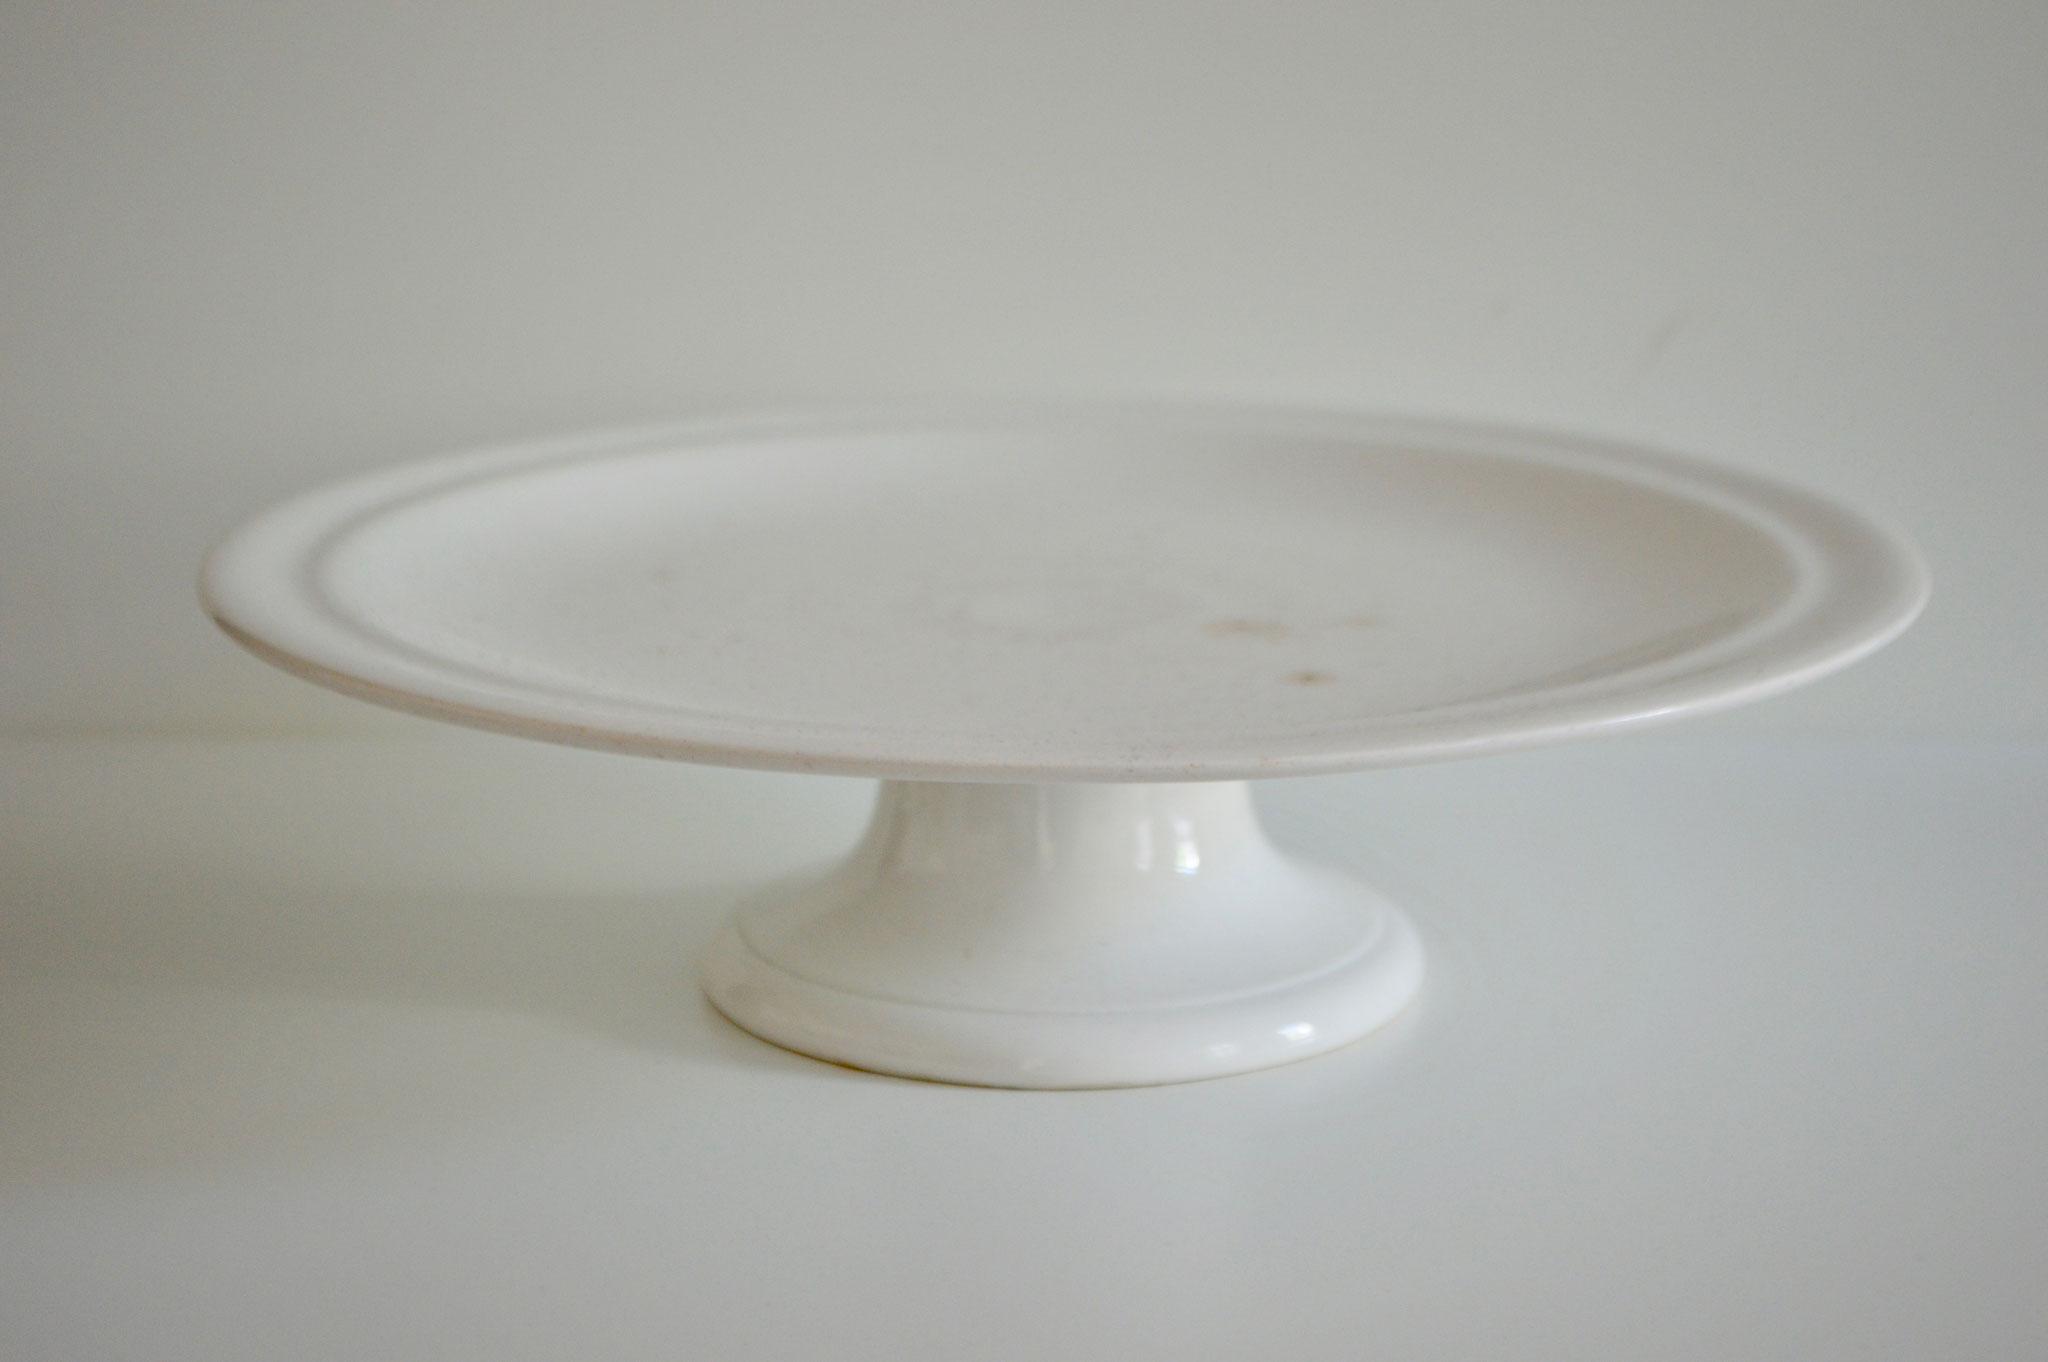 B) Porzellan: Durchmesser mit Rand ca. 35 cm und ohne Rand ca. 30 cm.